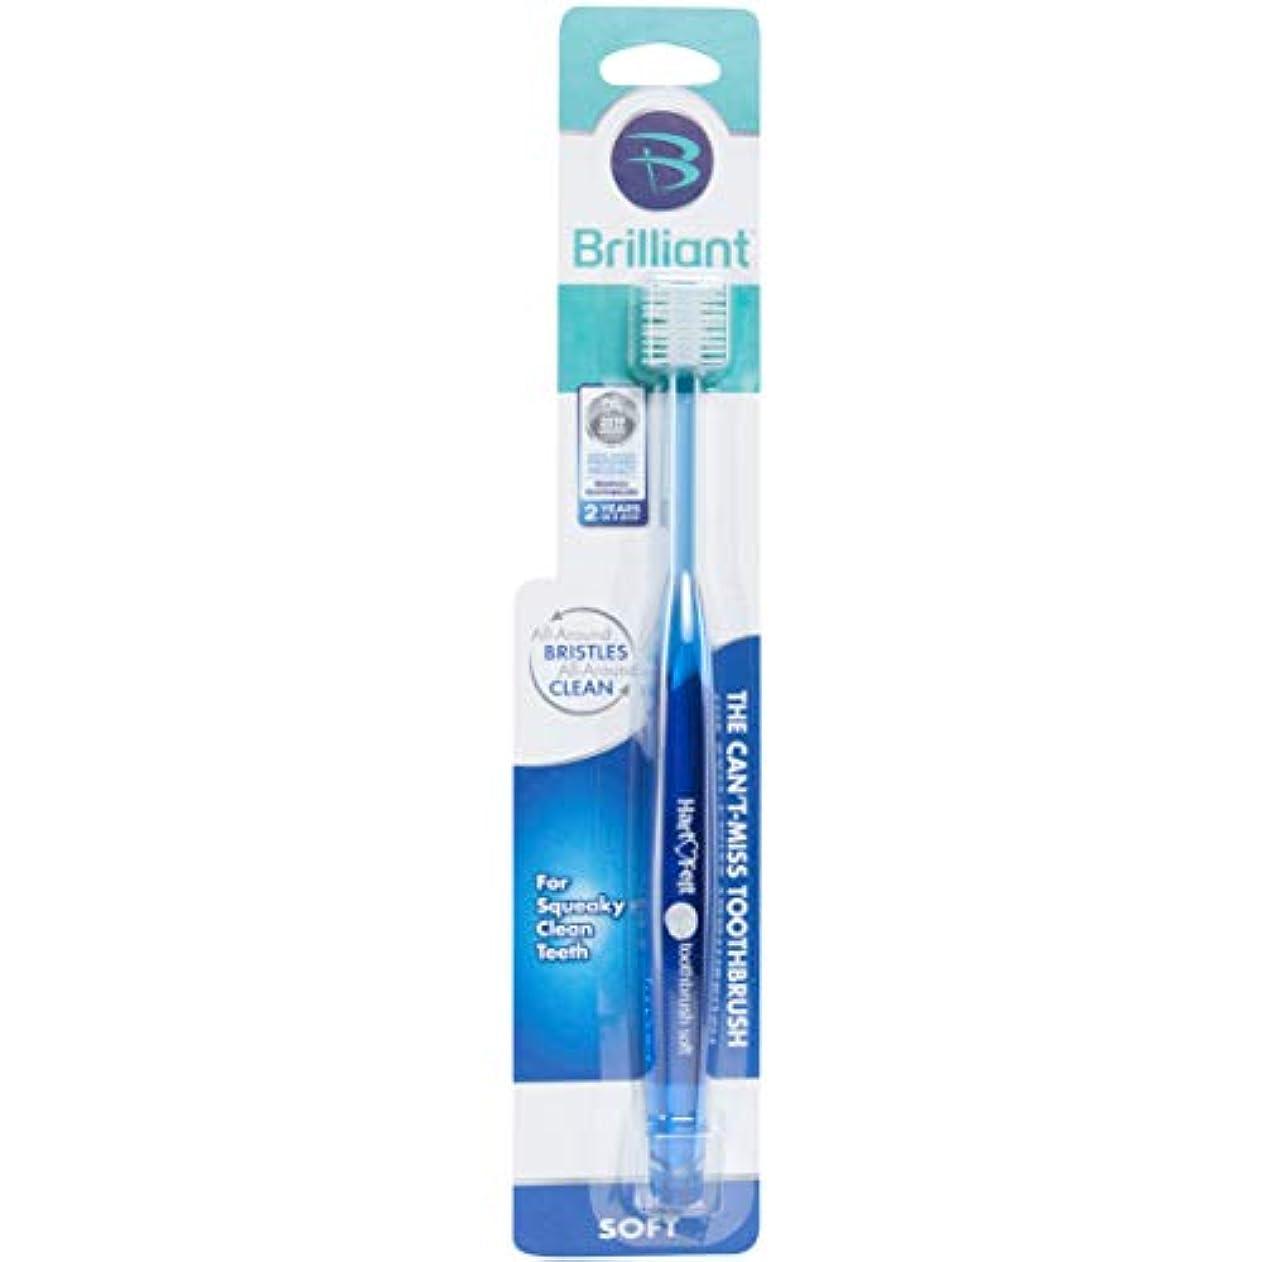 クモ平均委員長360度 マイクロファインラウンド歯ブラシ 柔らかい大人用歯ブラシ 丸みを帯びた先端の毛で簡単で効果的なクリーニングを!(カラー ブルー) (1ブラシ)